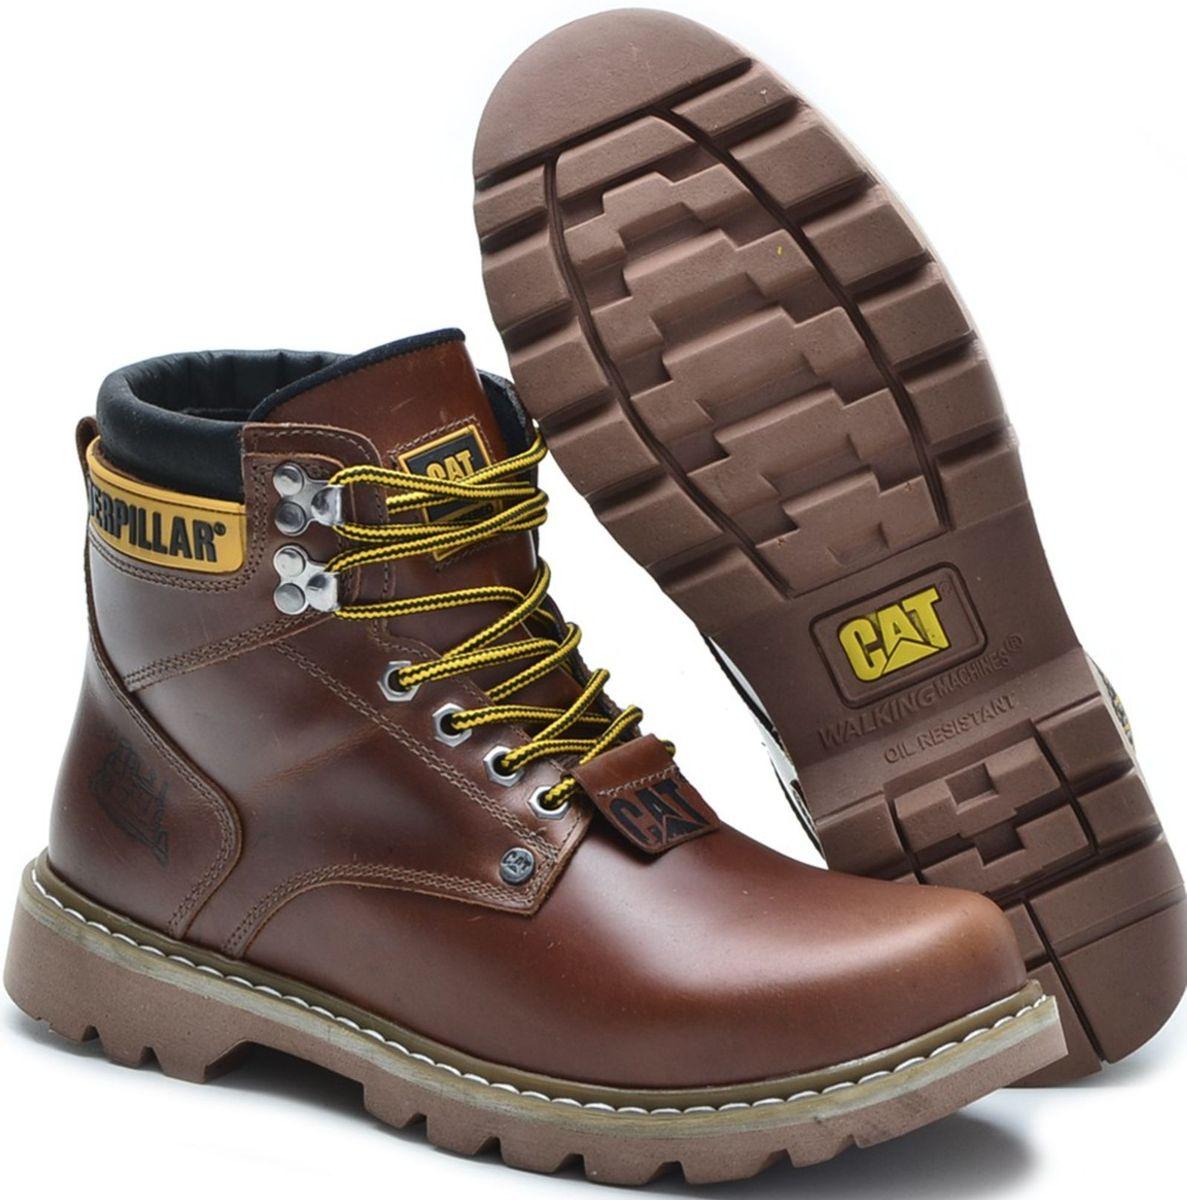 b1498b8803 bota original masculina cat top lançamentos - botas caterpillar